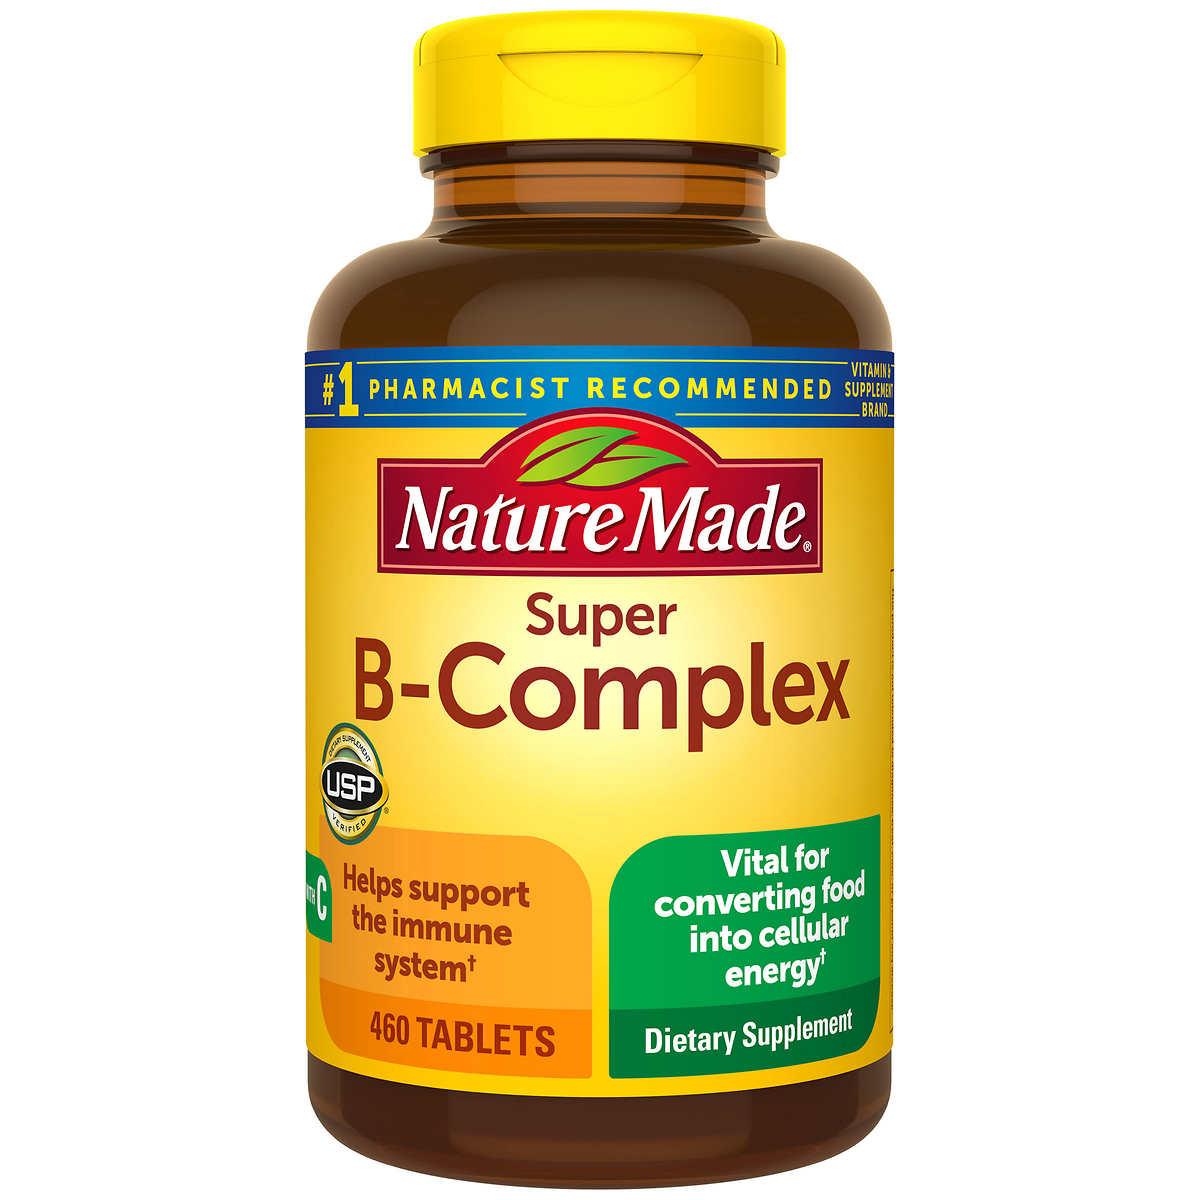 Costco Com Online: Nature Made Super B-complex